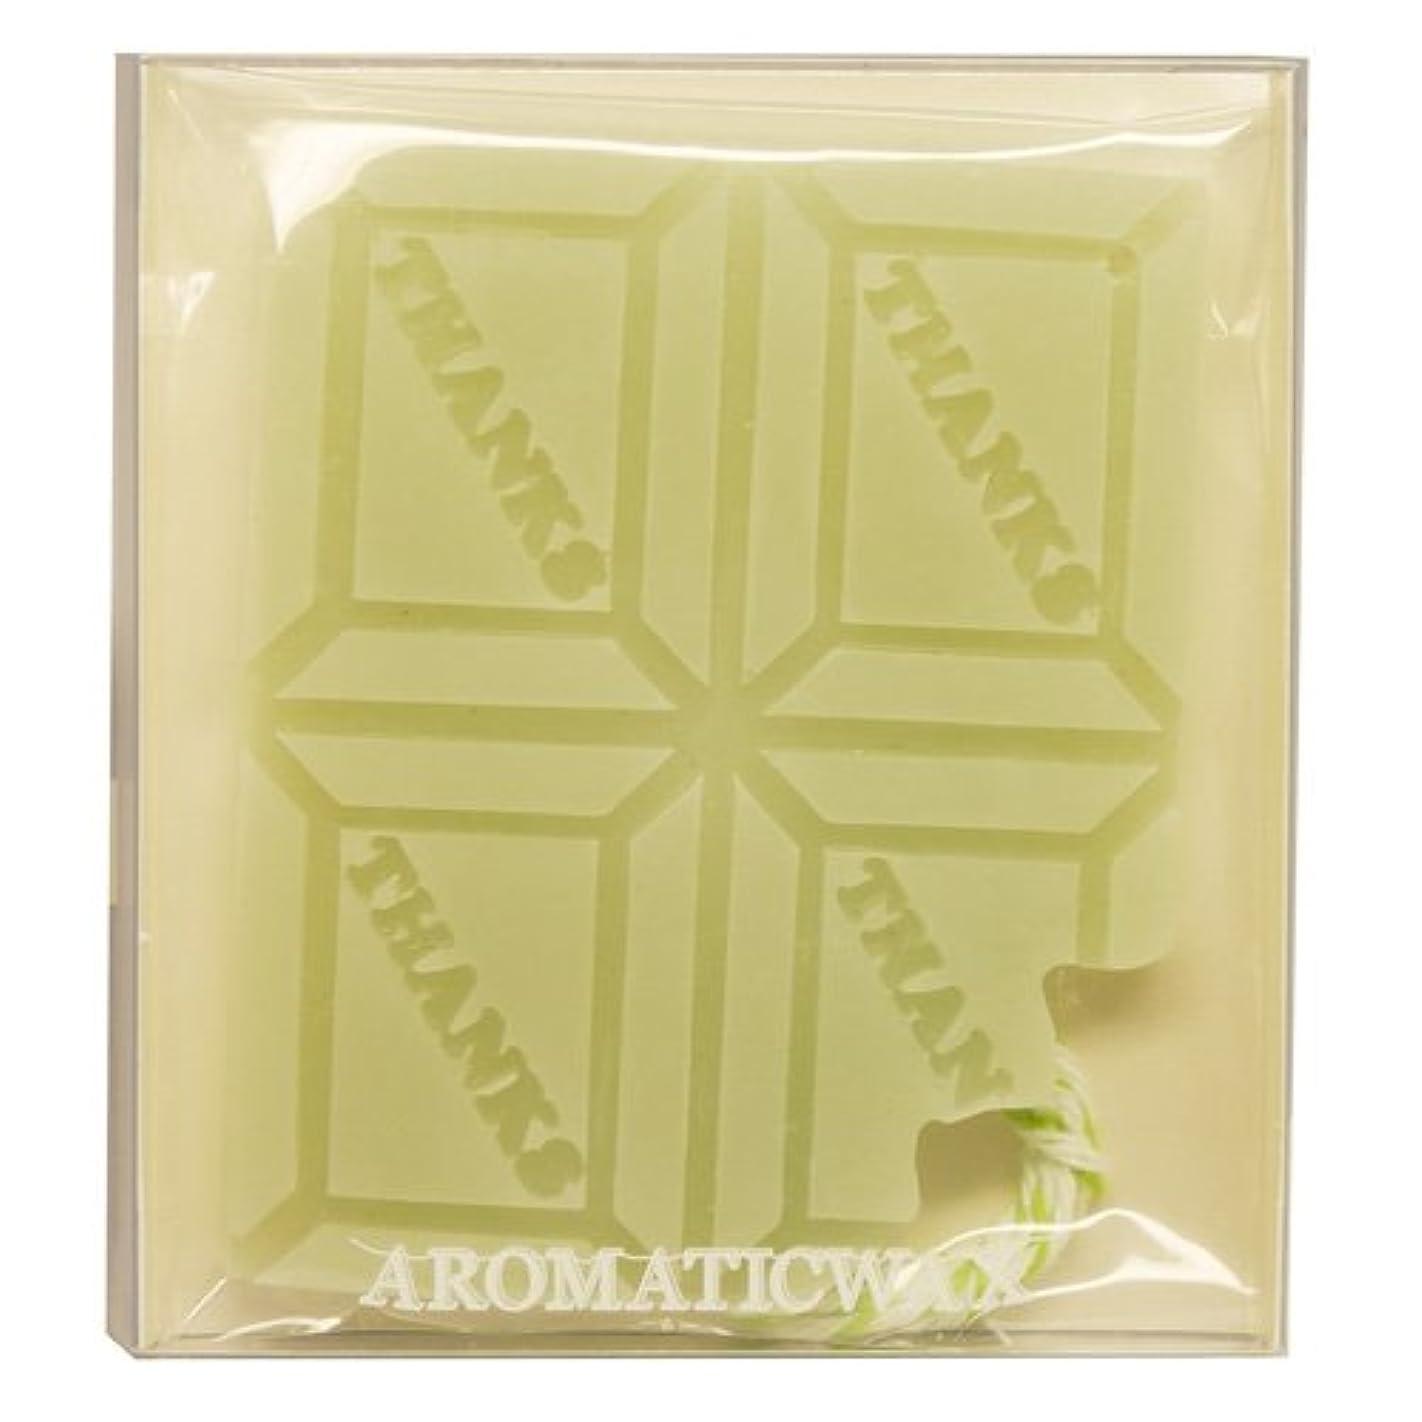 こどもセンター切手裁量GRASSE TOKYO AROMATICWAXチャーム「板チョコ(THANKS)」(GR) レモングラス アロマティックワックス グラーストウキョウ